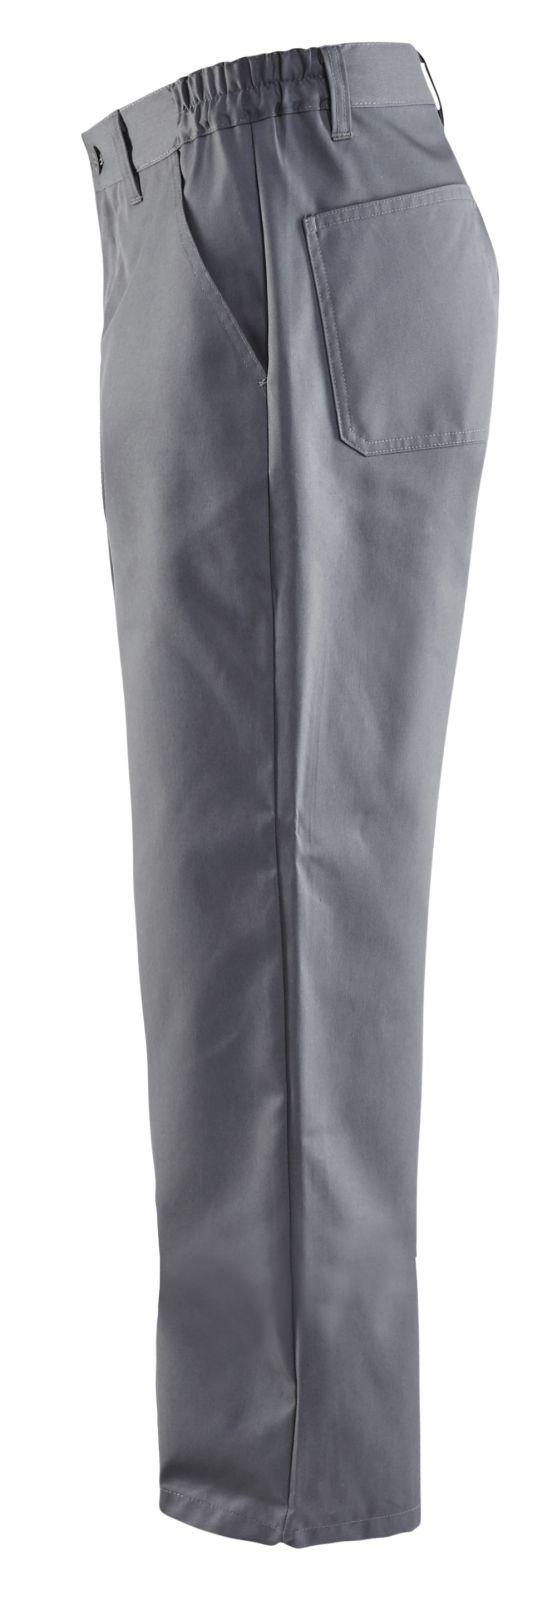 Blaklader Werkbroeken 17251800 grijs(9400)